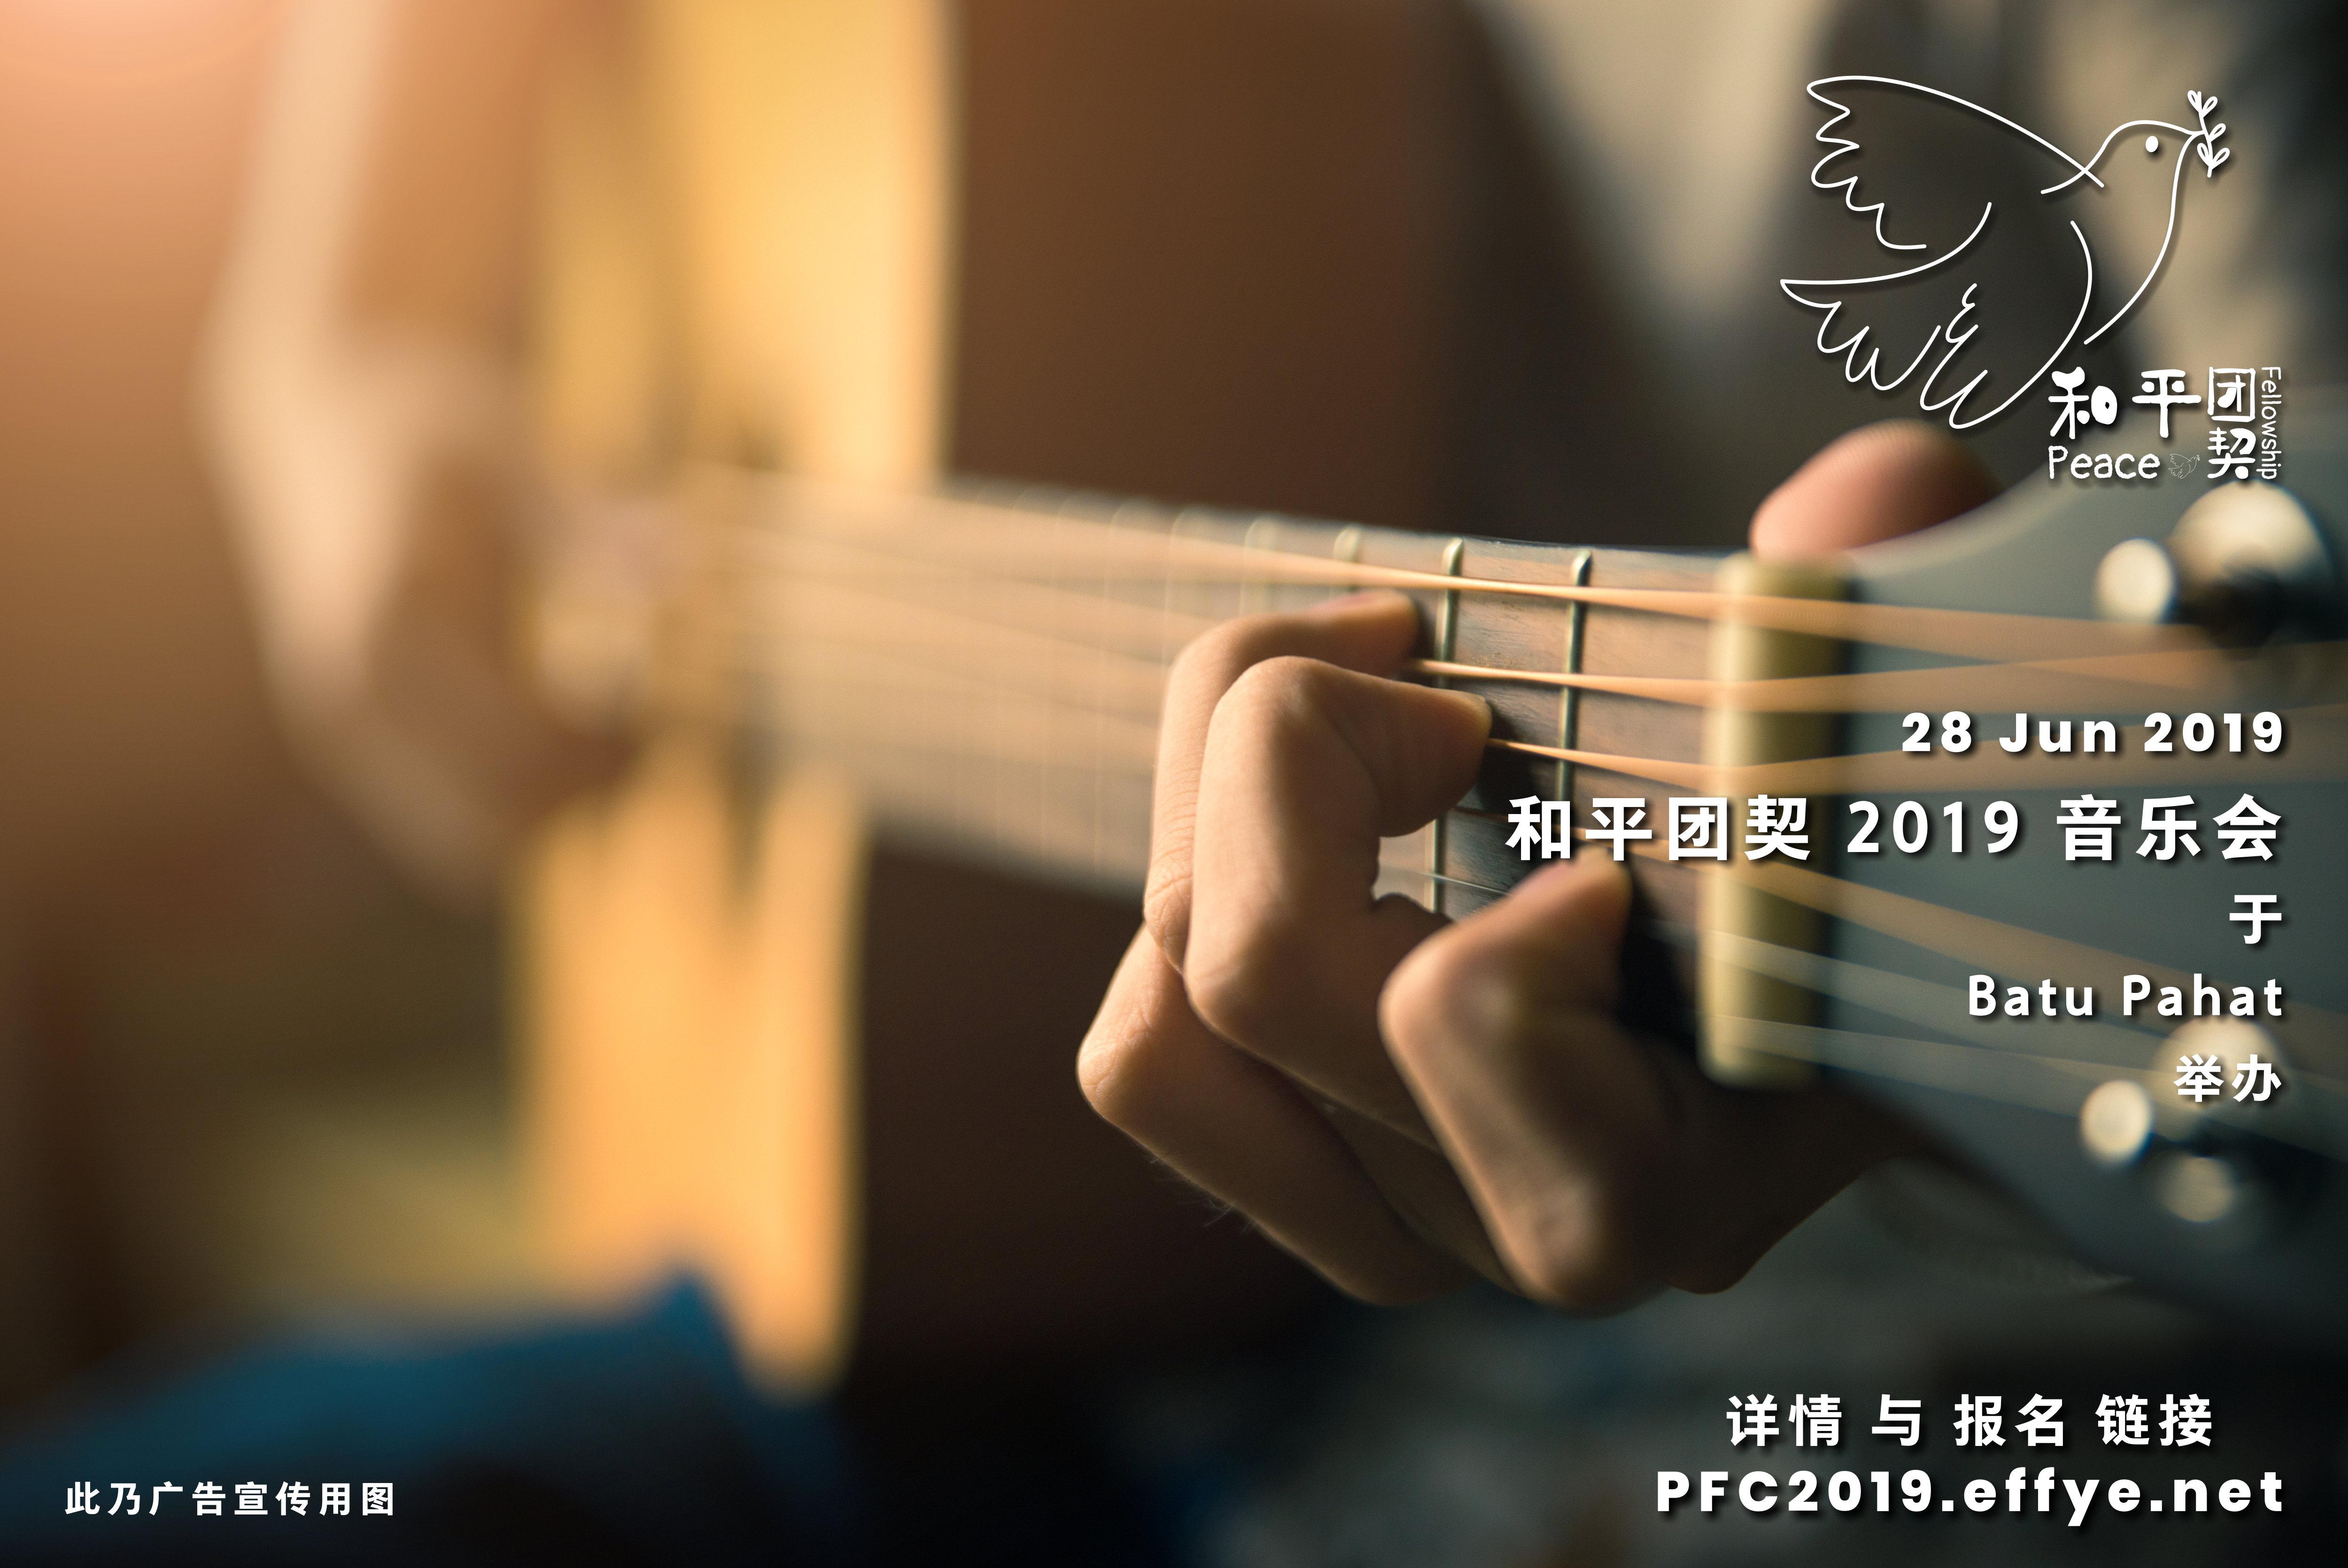 峇株巴辖 音乐会 和平团契 少年团 2019 音乐会 2019年 6月 28日 钢琴 吉他 小提琴 大提琴 古筝 独唱 Peace Fellowship 2019 Concert at Batu Pahat Piana Guitar Violin Cello GuZheng Singing A007